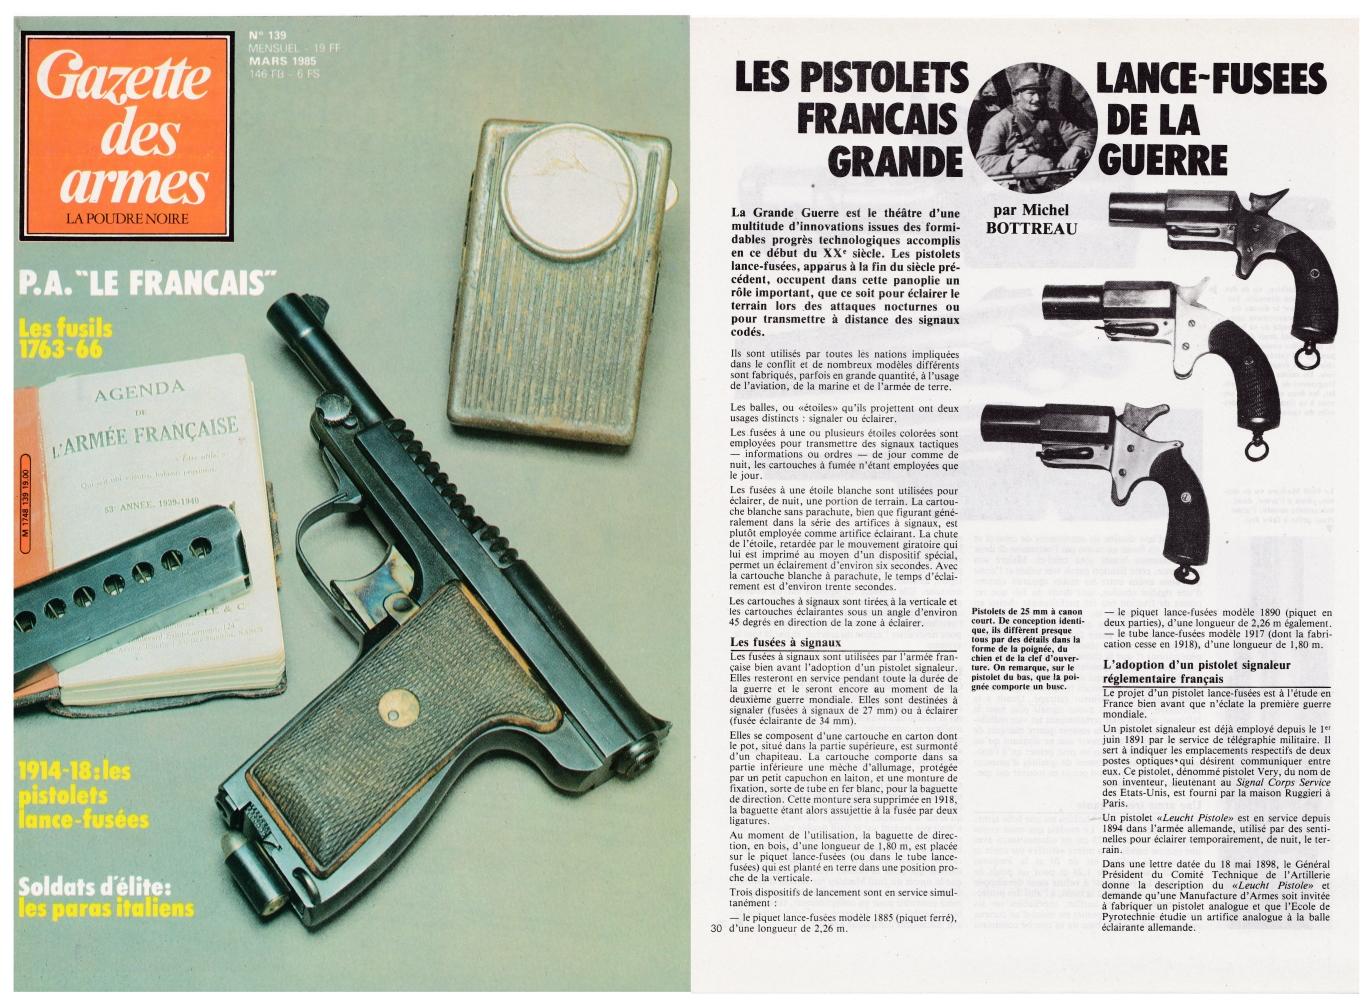 Les pistolets lance-fusées français de 14-18 ont fait l'objet d'une présentation sur quatre pages dans le magazine Gazette des Armes n°139 (mars 1985).